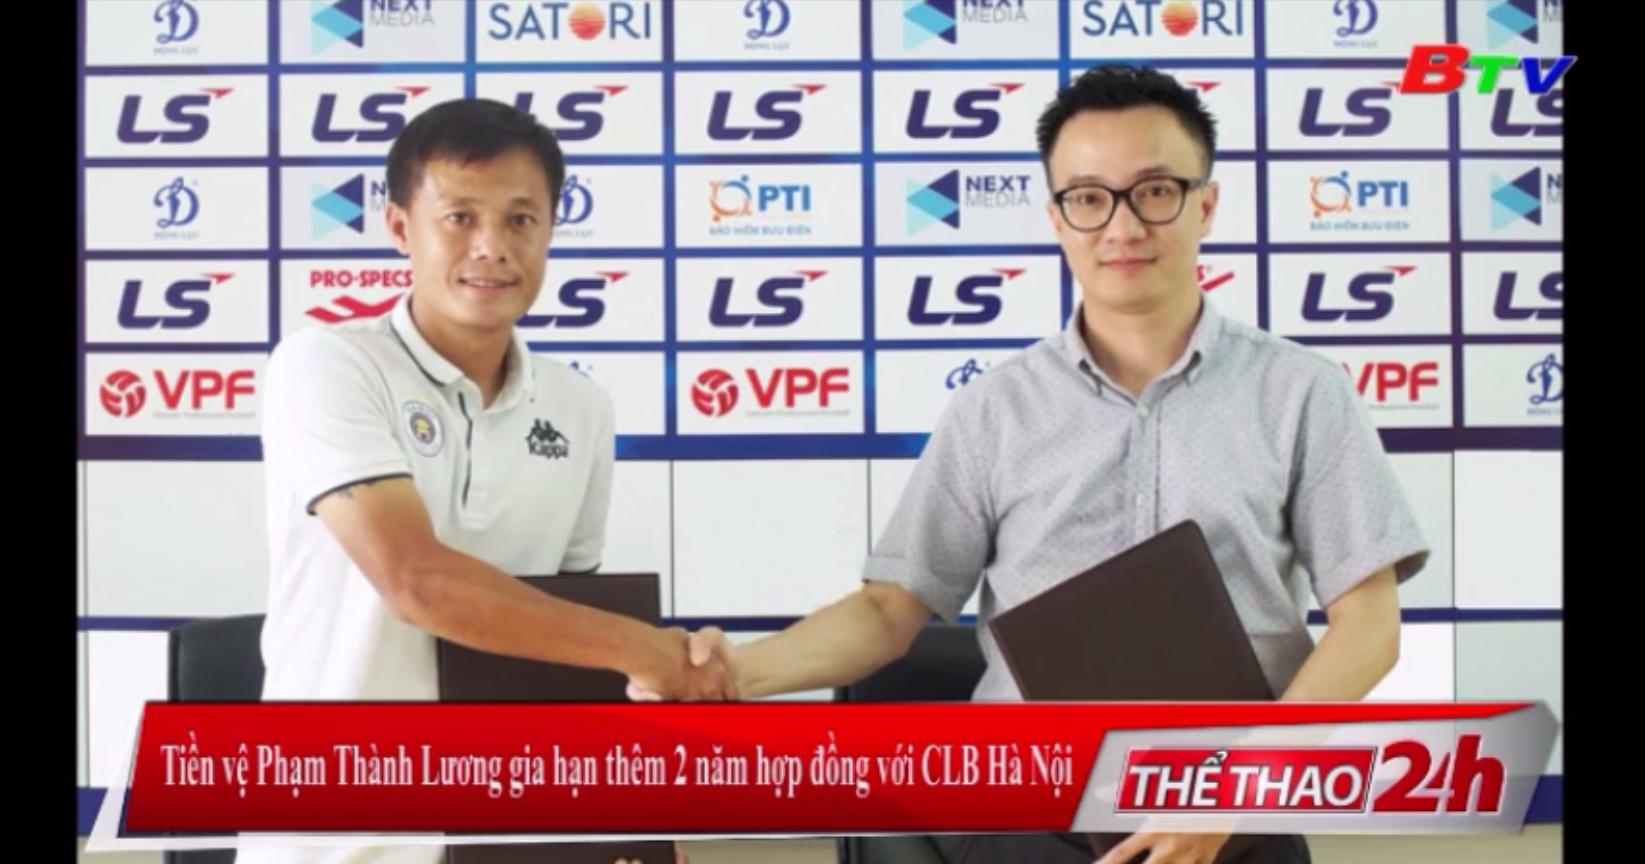 Tiền vệ Phạm Thành Lương gia hạn thêm 2 năm hợp đồng với CLB Hà Nội